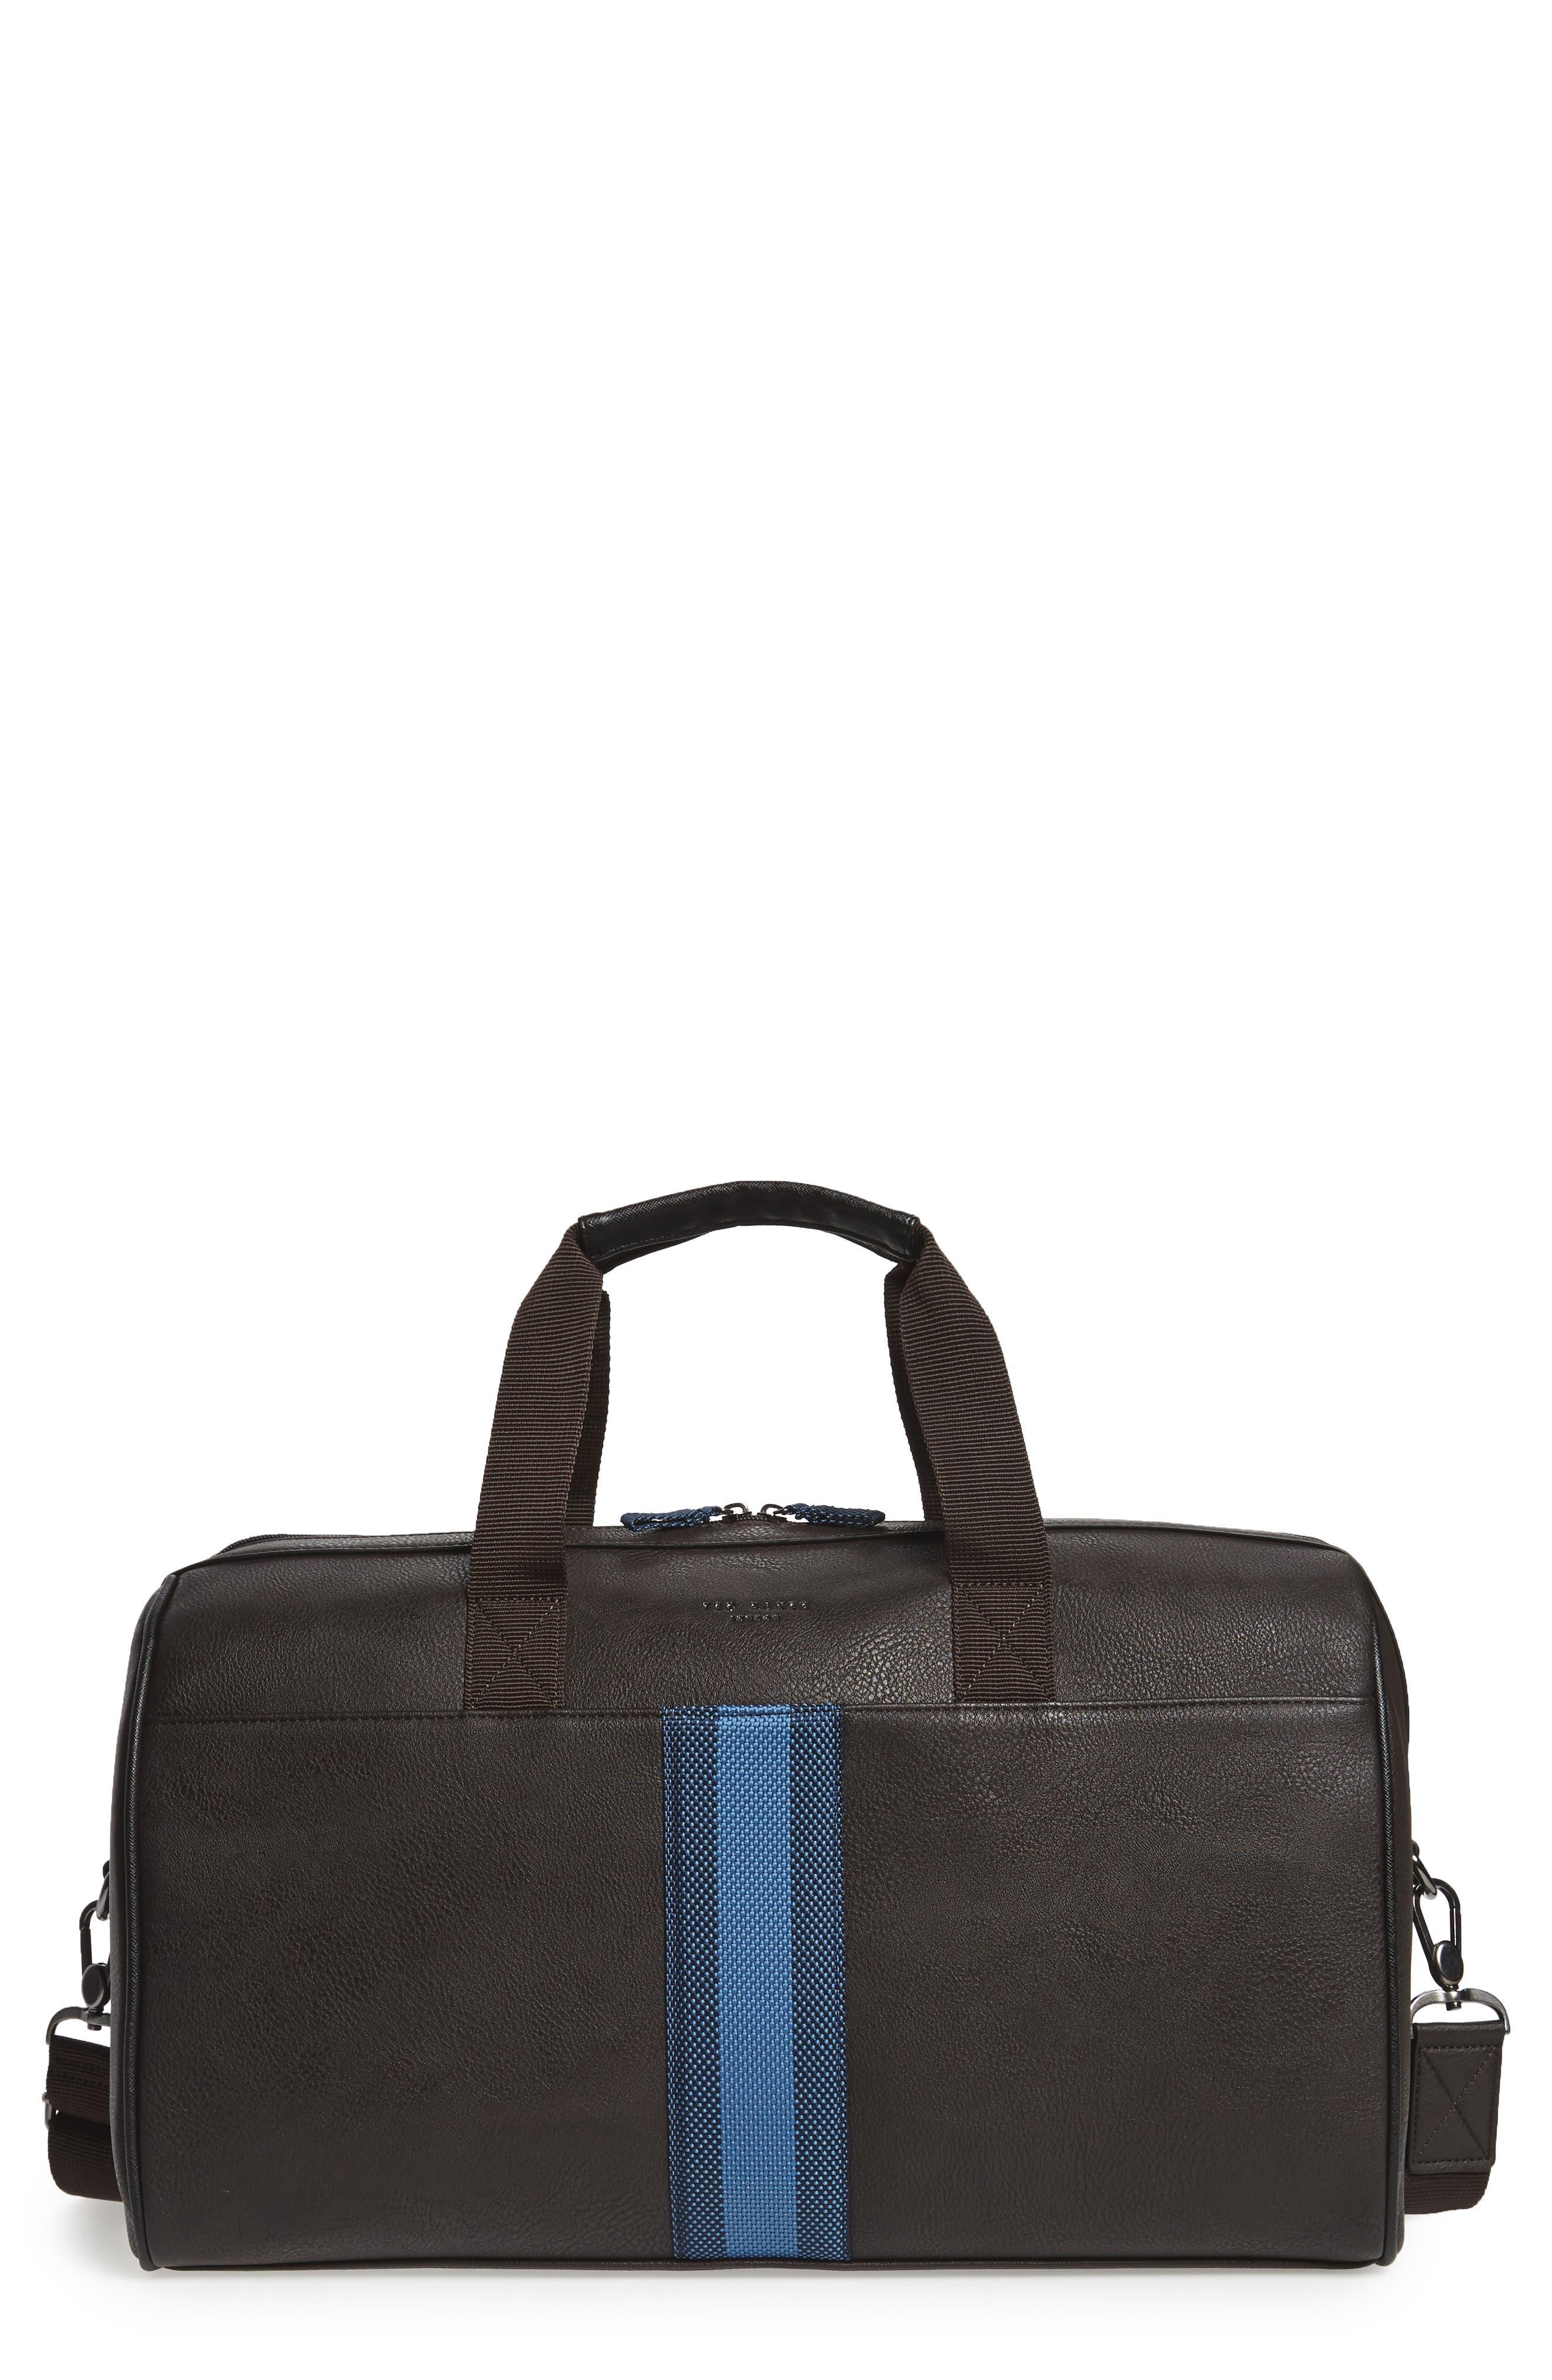 Sanchez Duffel Bag,                         Main,                         color, 211